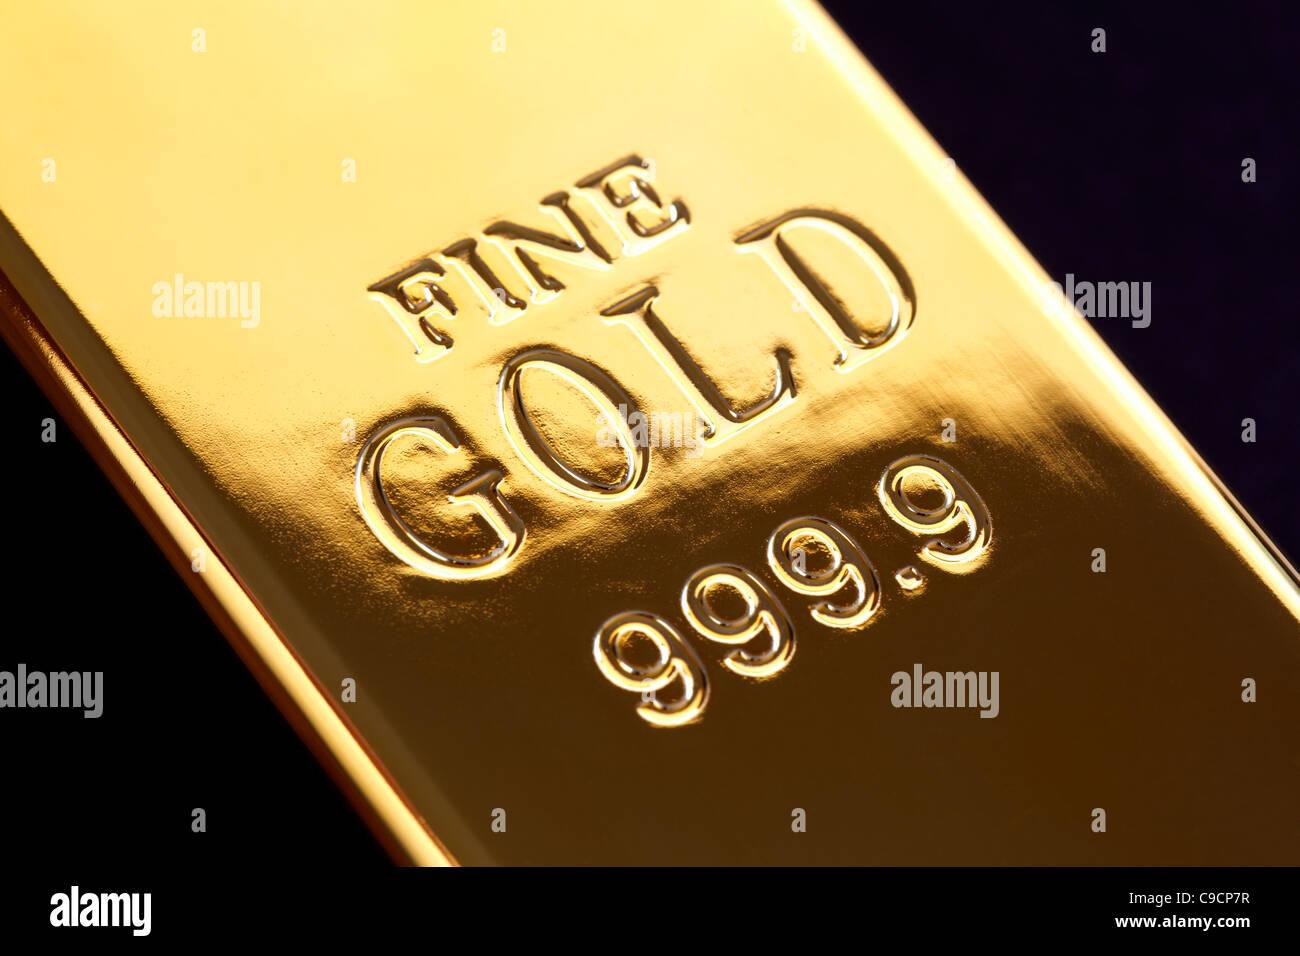 Gold ingot - Stock Image